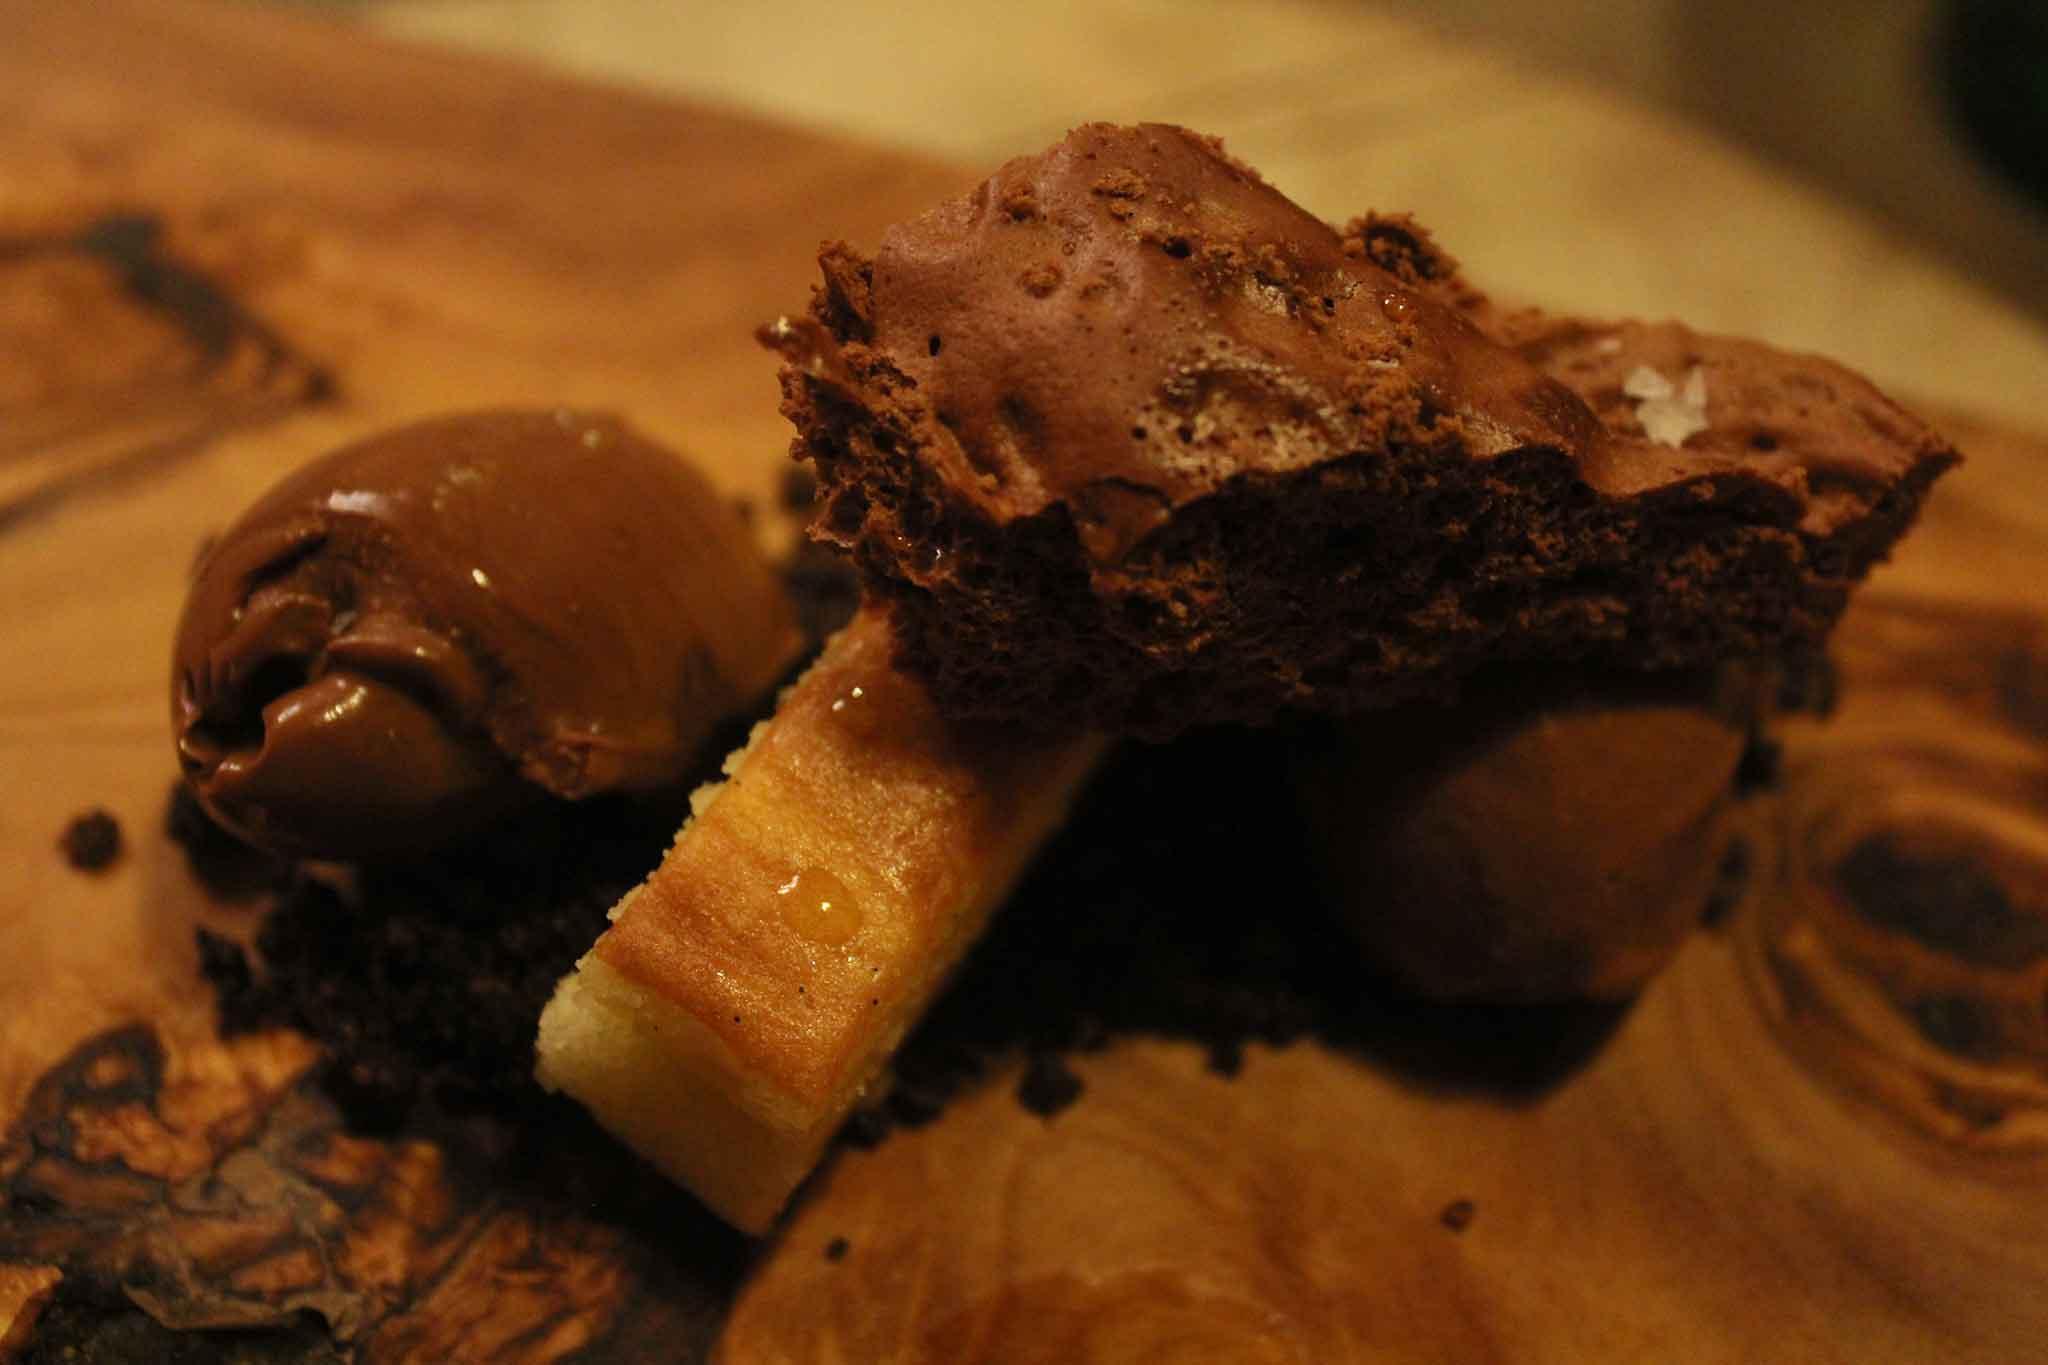 cum-quibus-san-gimignano-dessert-cioccolato